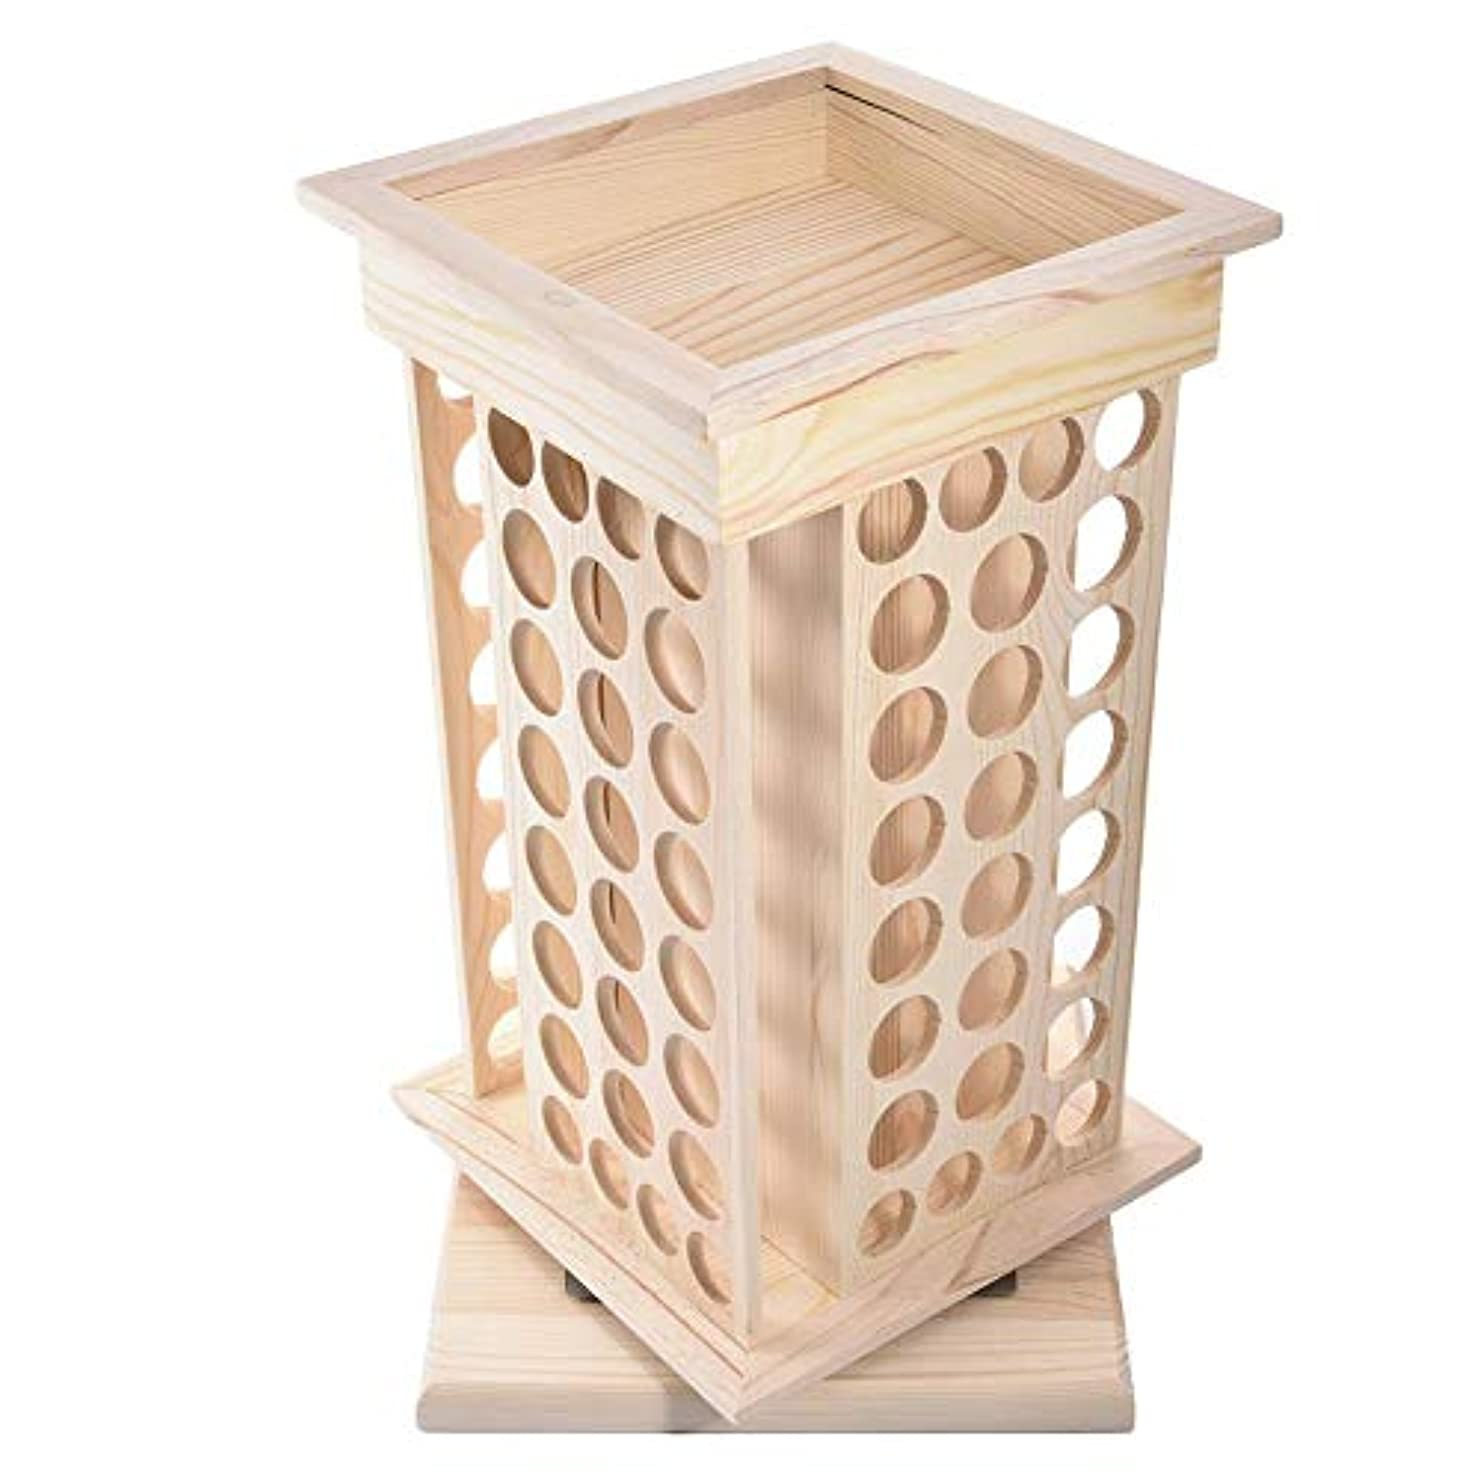 ホースコークス表面Pursue アロマオイルスタンド 精油収納 香水展示スタンド エッセンシャルオイル収納 木製 104本用